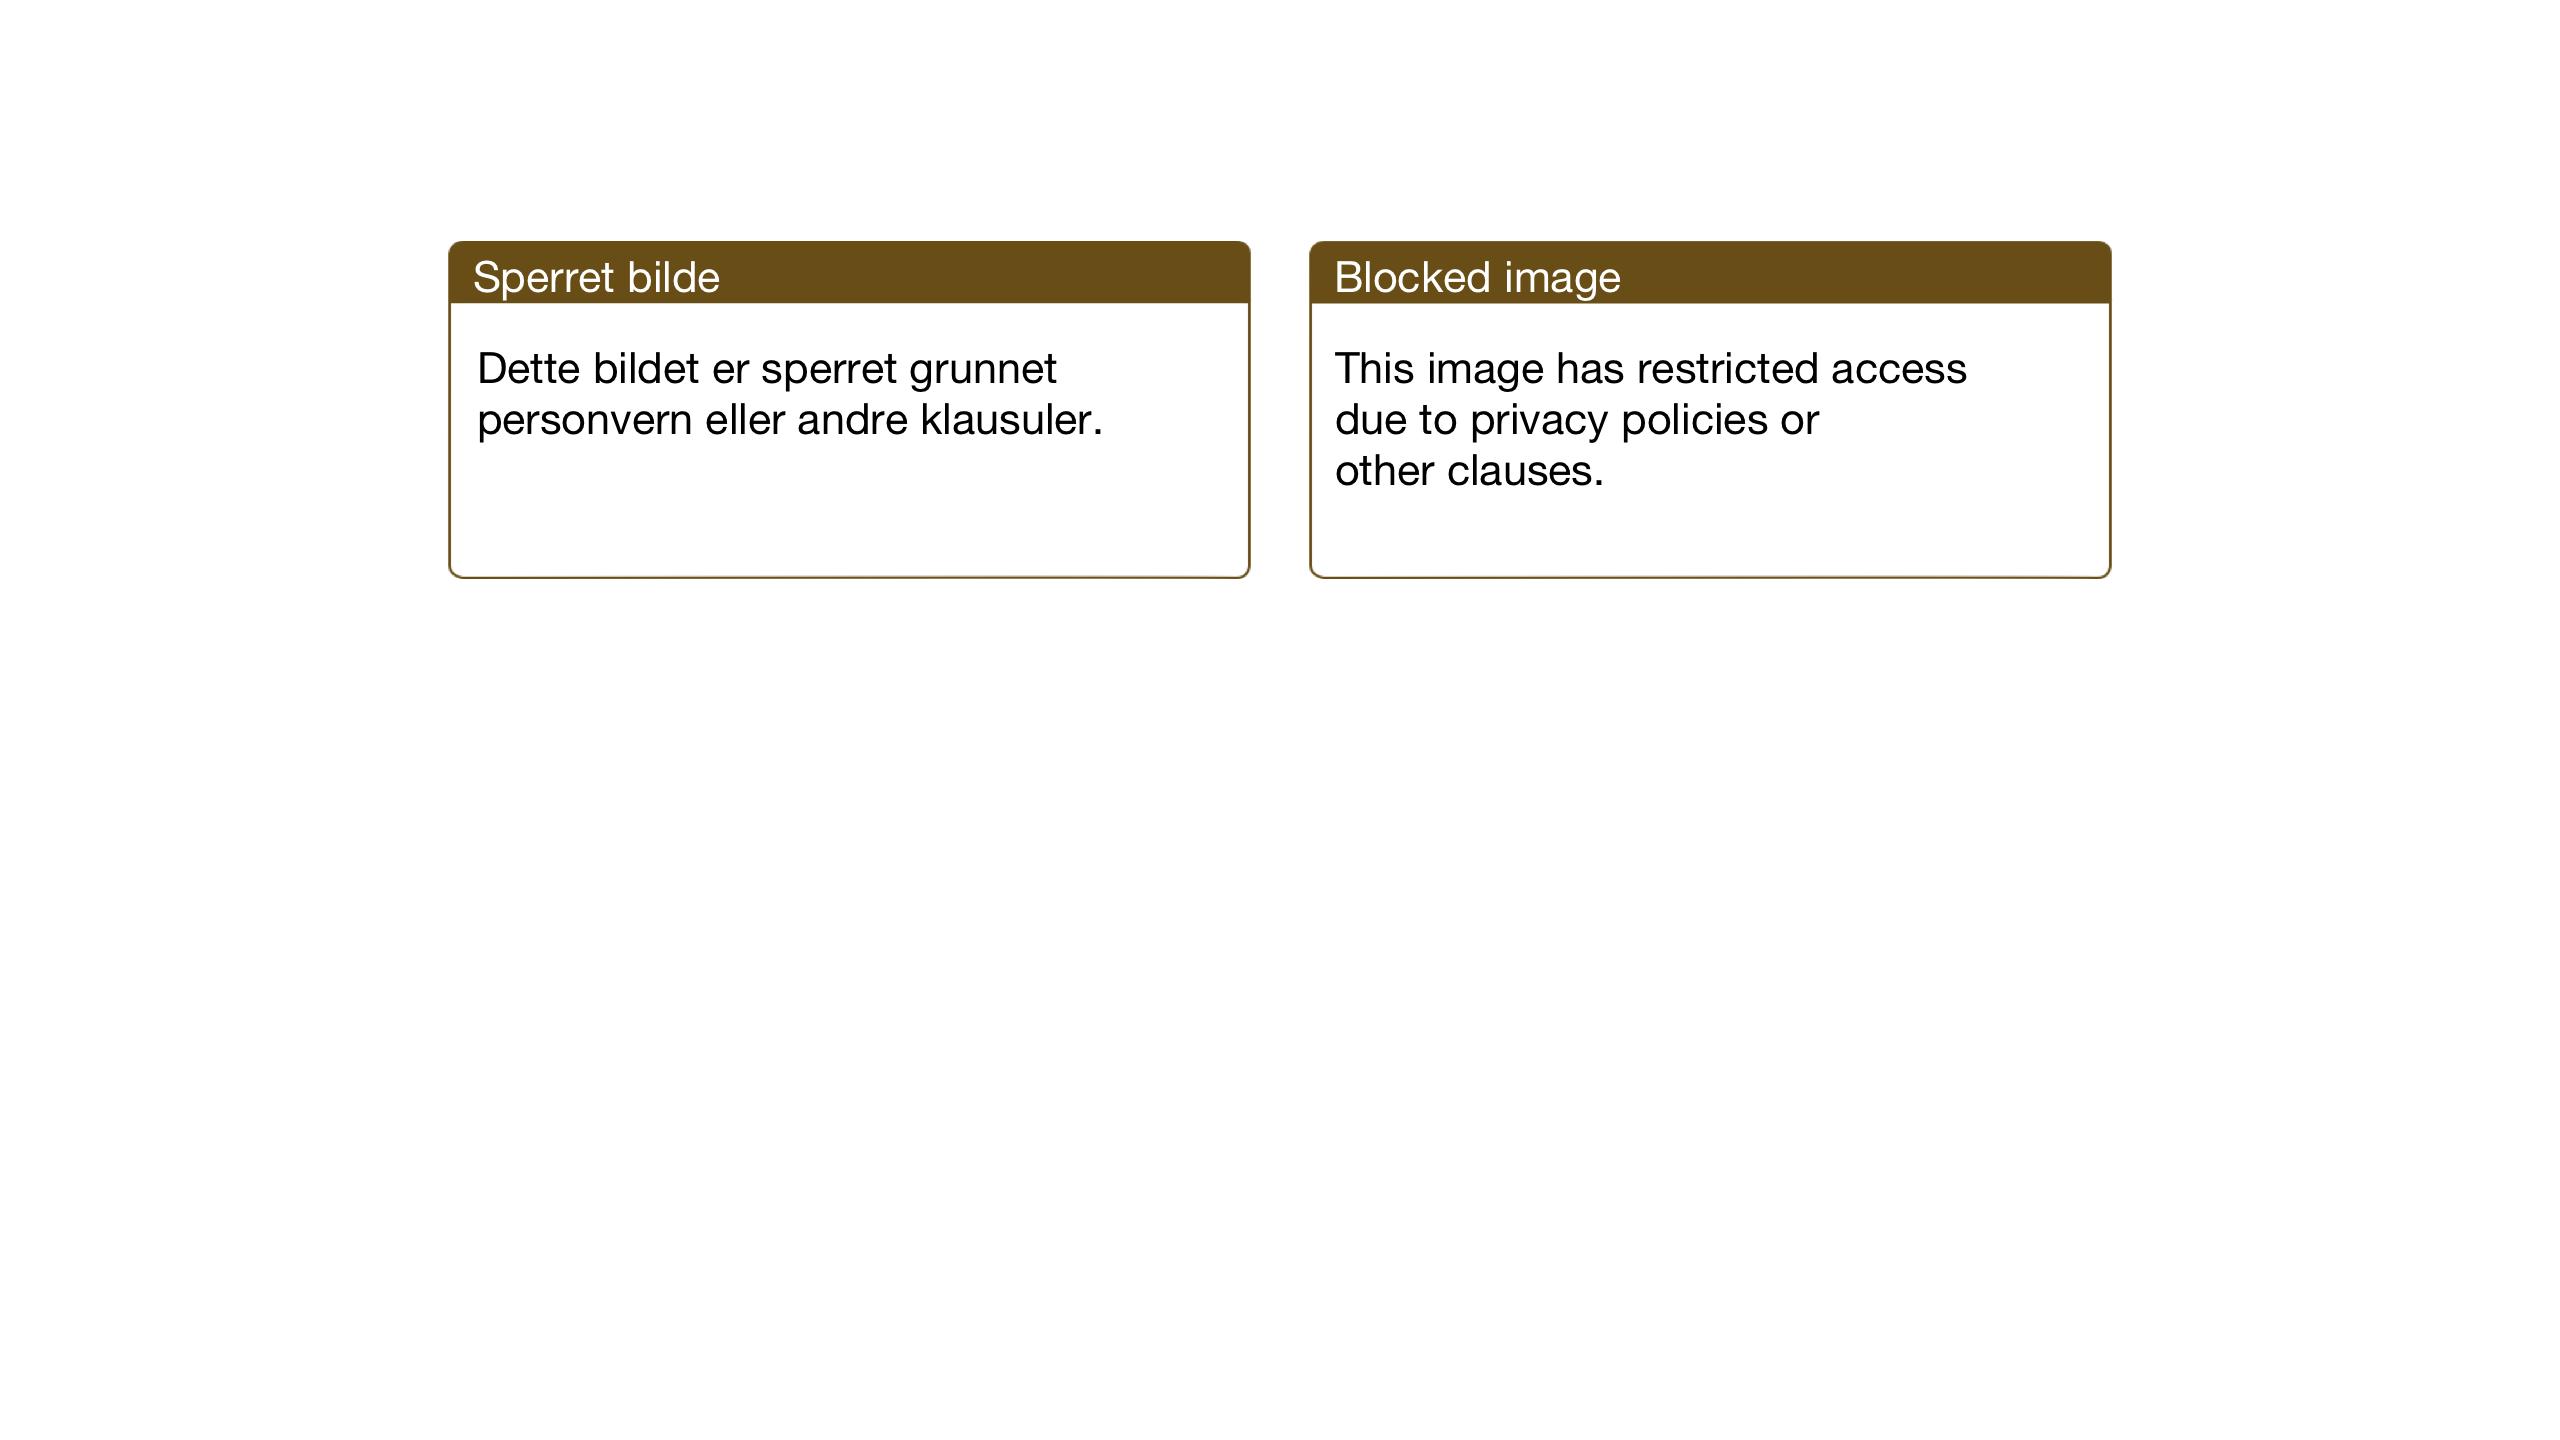 SAT, Ministerialprotokoller, klokkerbøker og fødselsregistre - Nord-Trøndelag, 784/L0678: Ministerialbok nr. 784A13, 1921-1938, s. 170